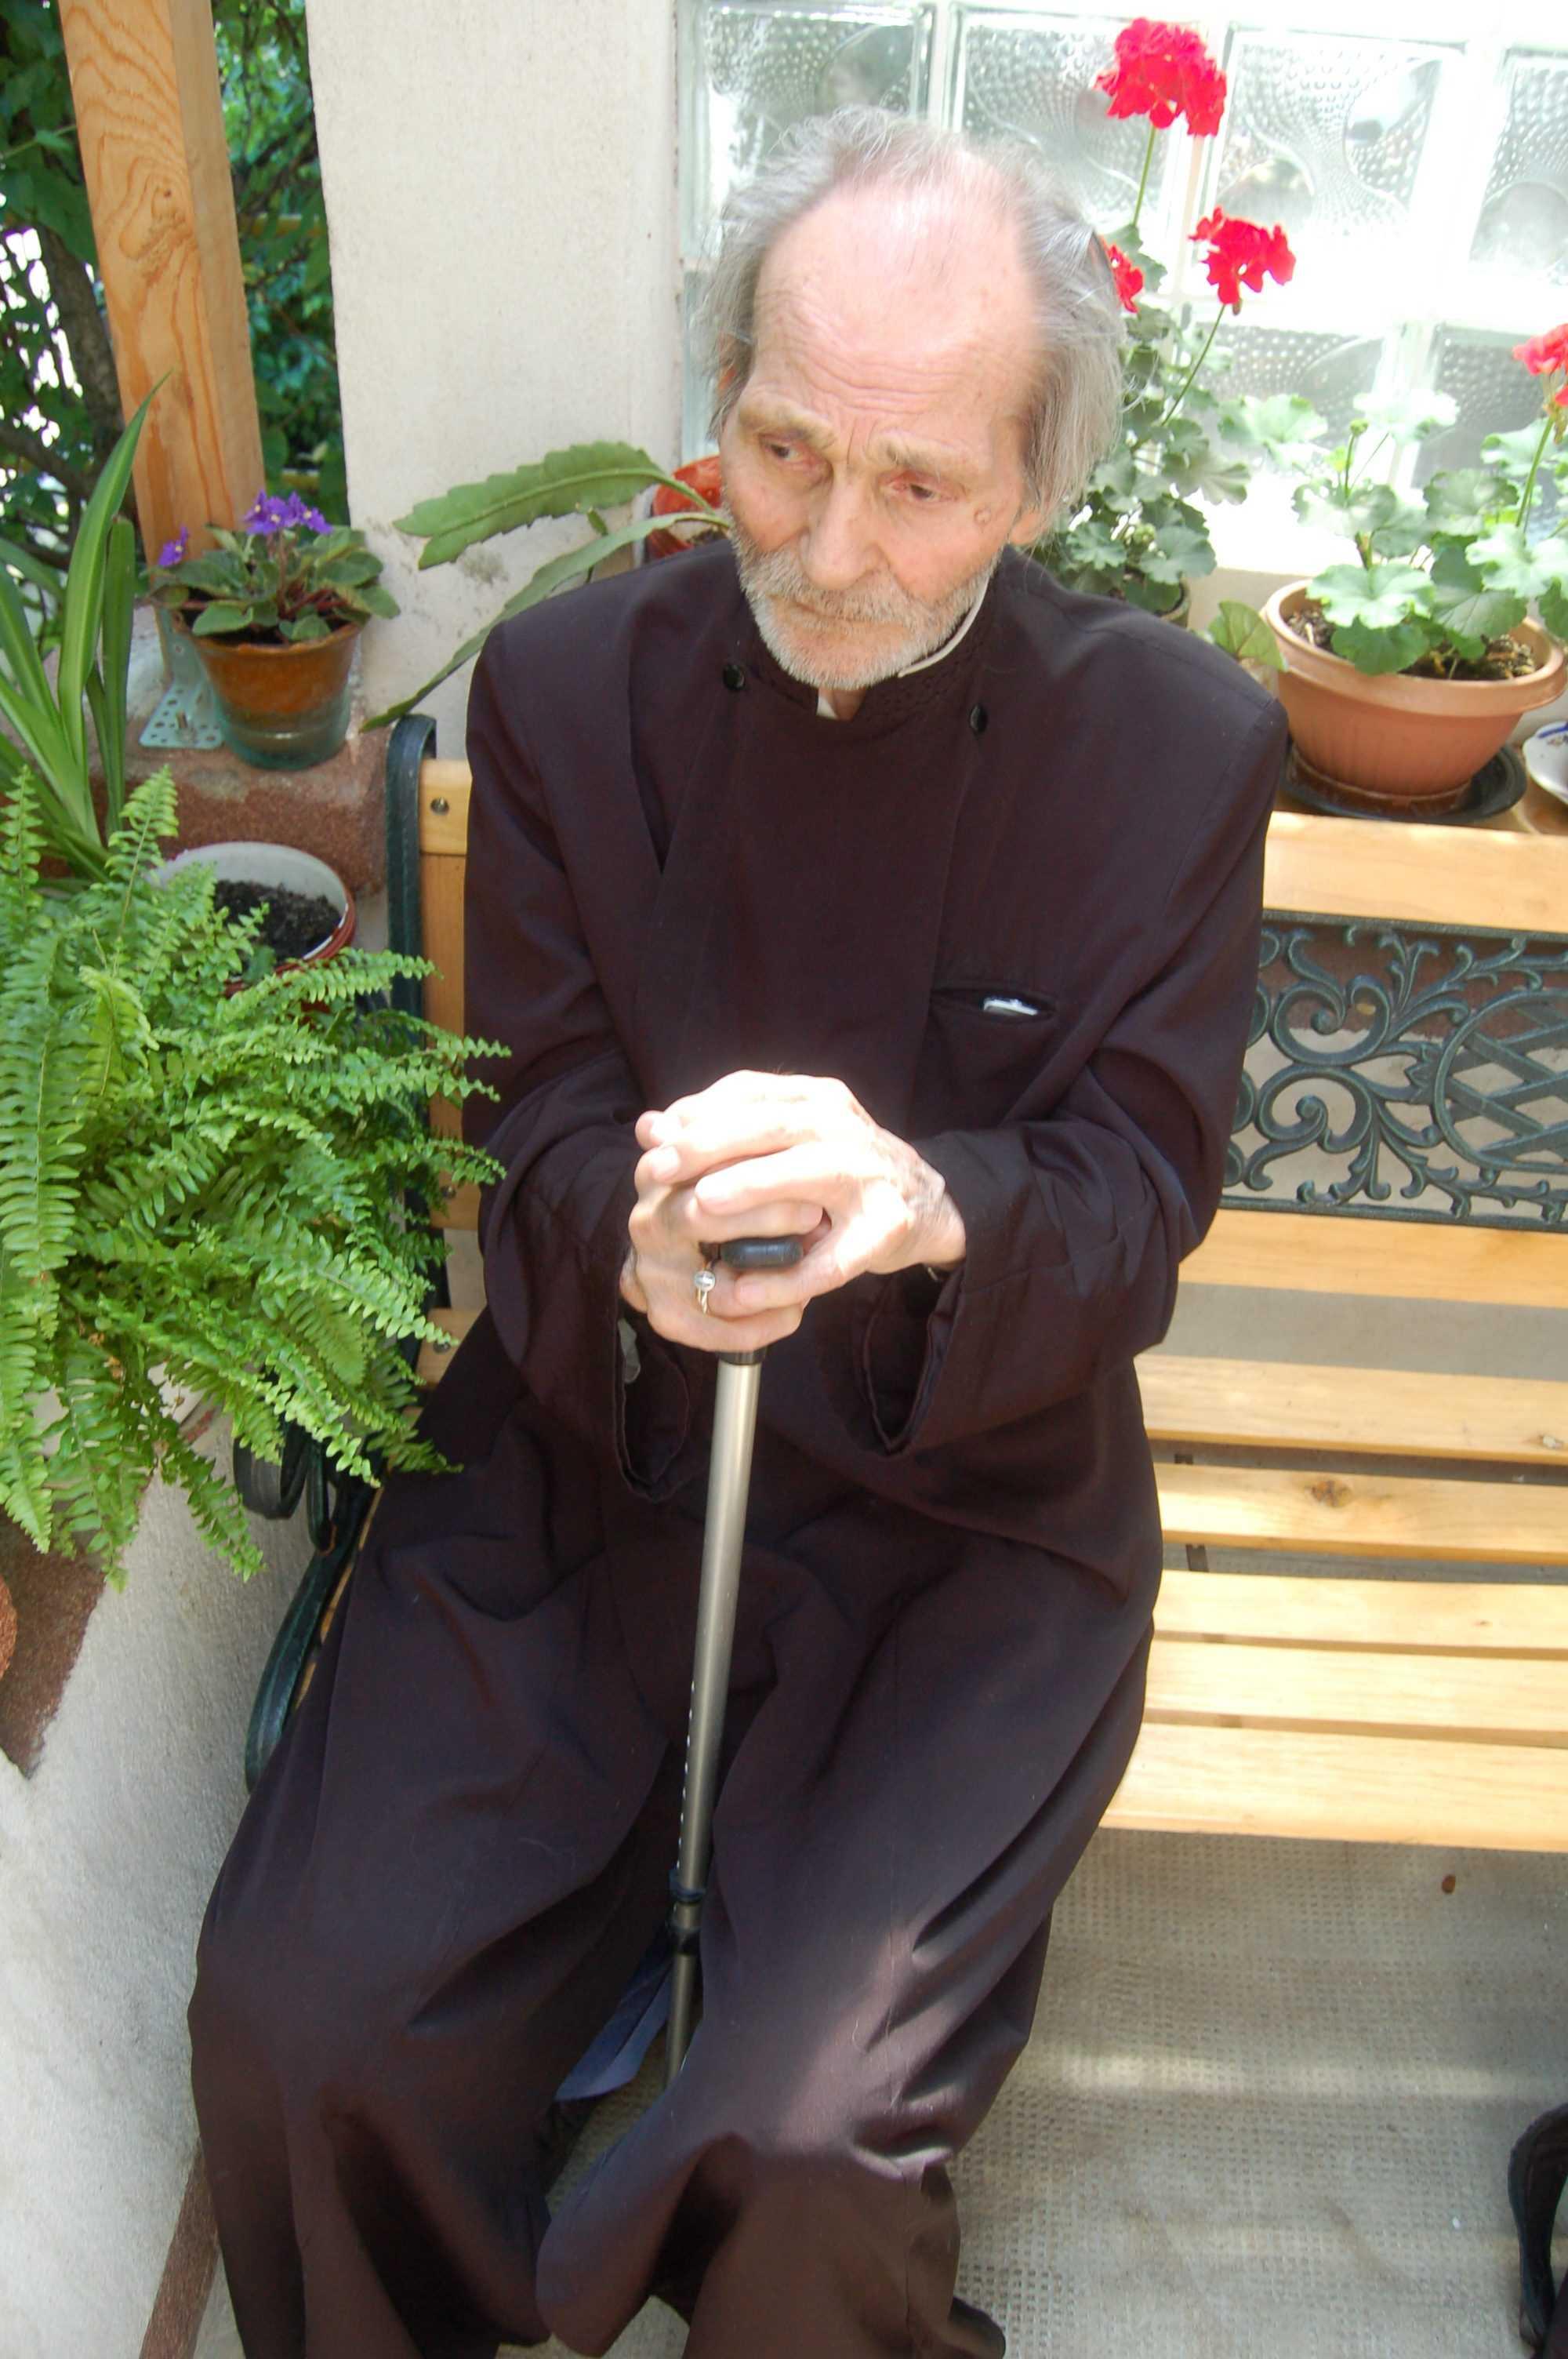 """Din amintirile unui preot mult patimitor in inchisorile comuniste: PARINTELE MIHAI LUNGEANU despre PUTEREA IZBAVITOARE A RUGACIUNII CONTINUE si intalnirile cu PARINTELE ARSENIE PAPACIOC: <i>""""O singură noapte nu m-am rugat și îmi reproşez asta toată viața… Arsenie Papacioc era un om de rugăciune cum nu erau mulți""""</i>"""